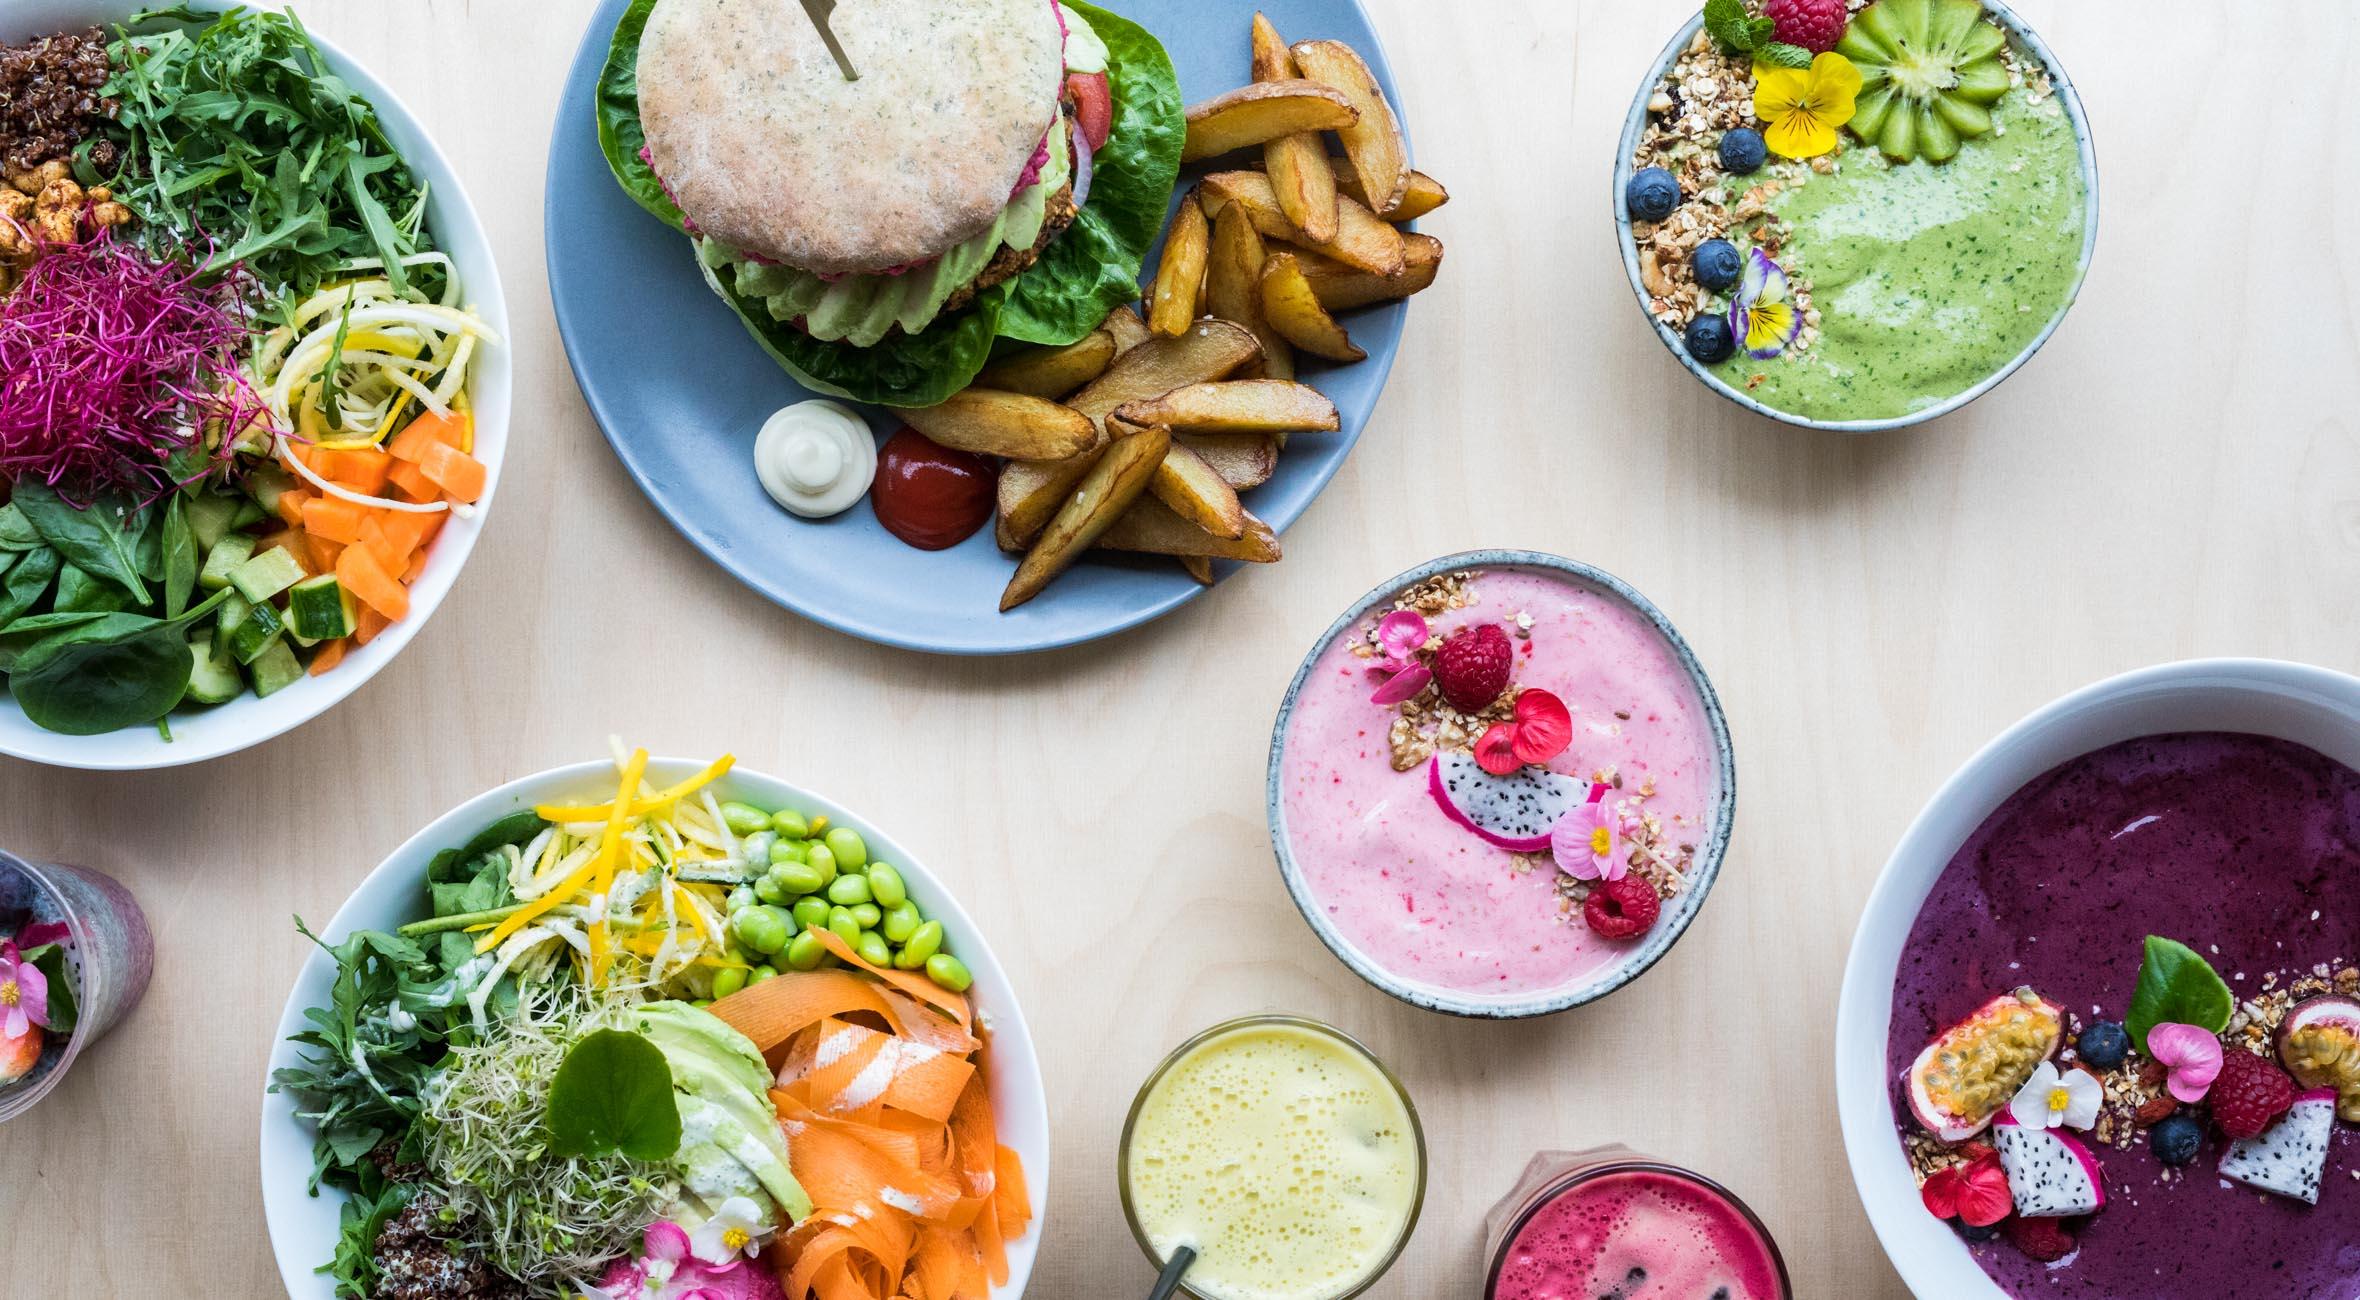 Frit valg til alt hos Veji på hippe Nørrebro – Nyåbnet vegansk café byder på det vildeste fra det grønne gourmetkøkken